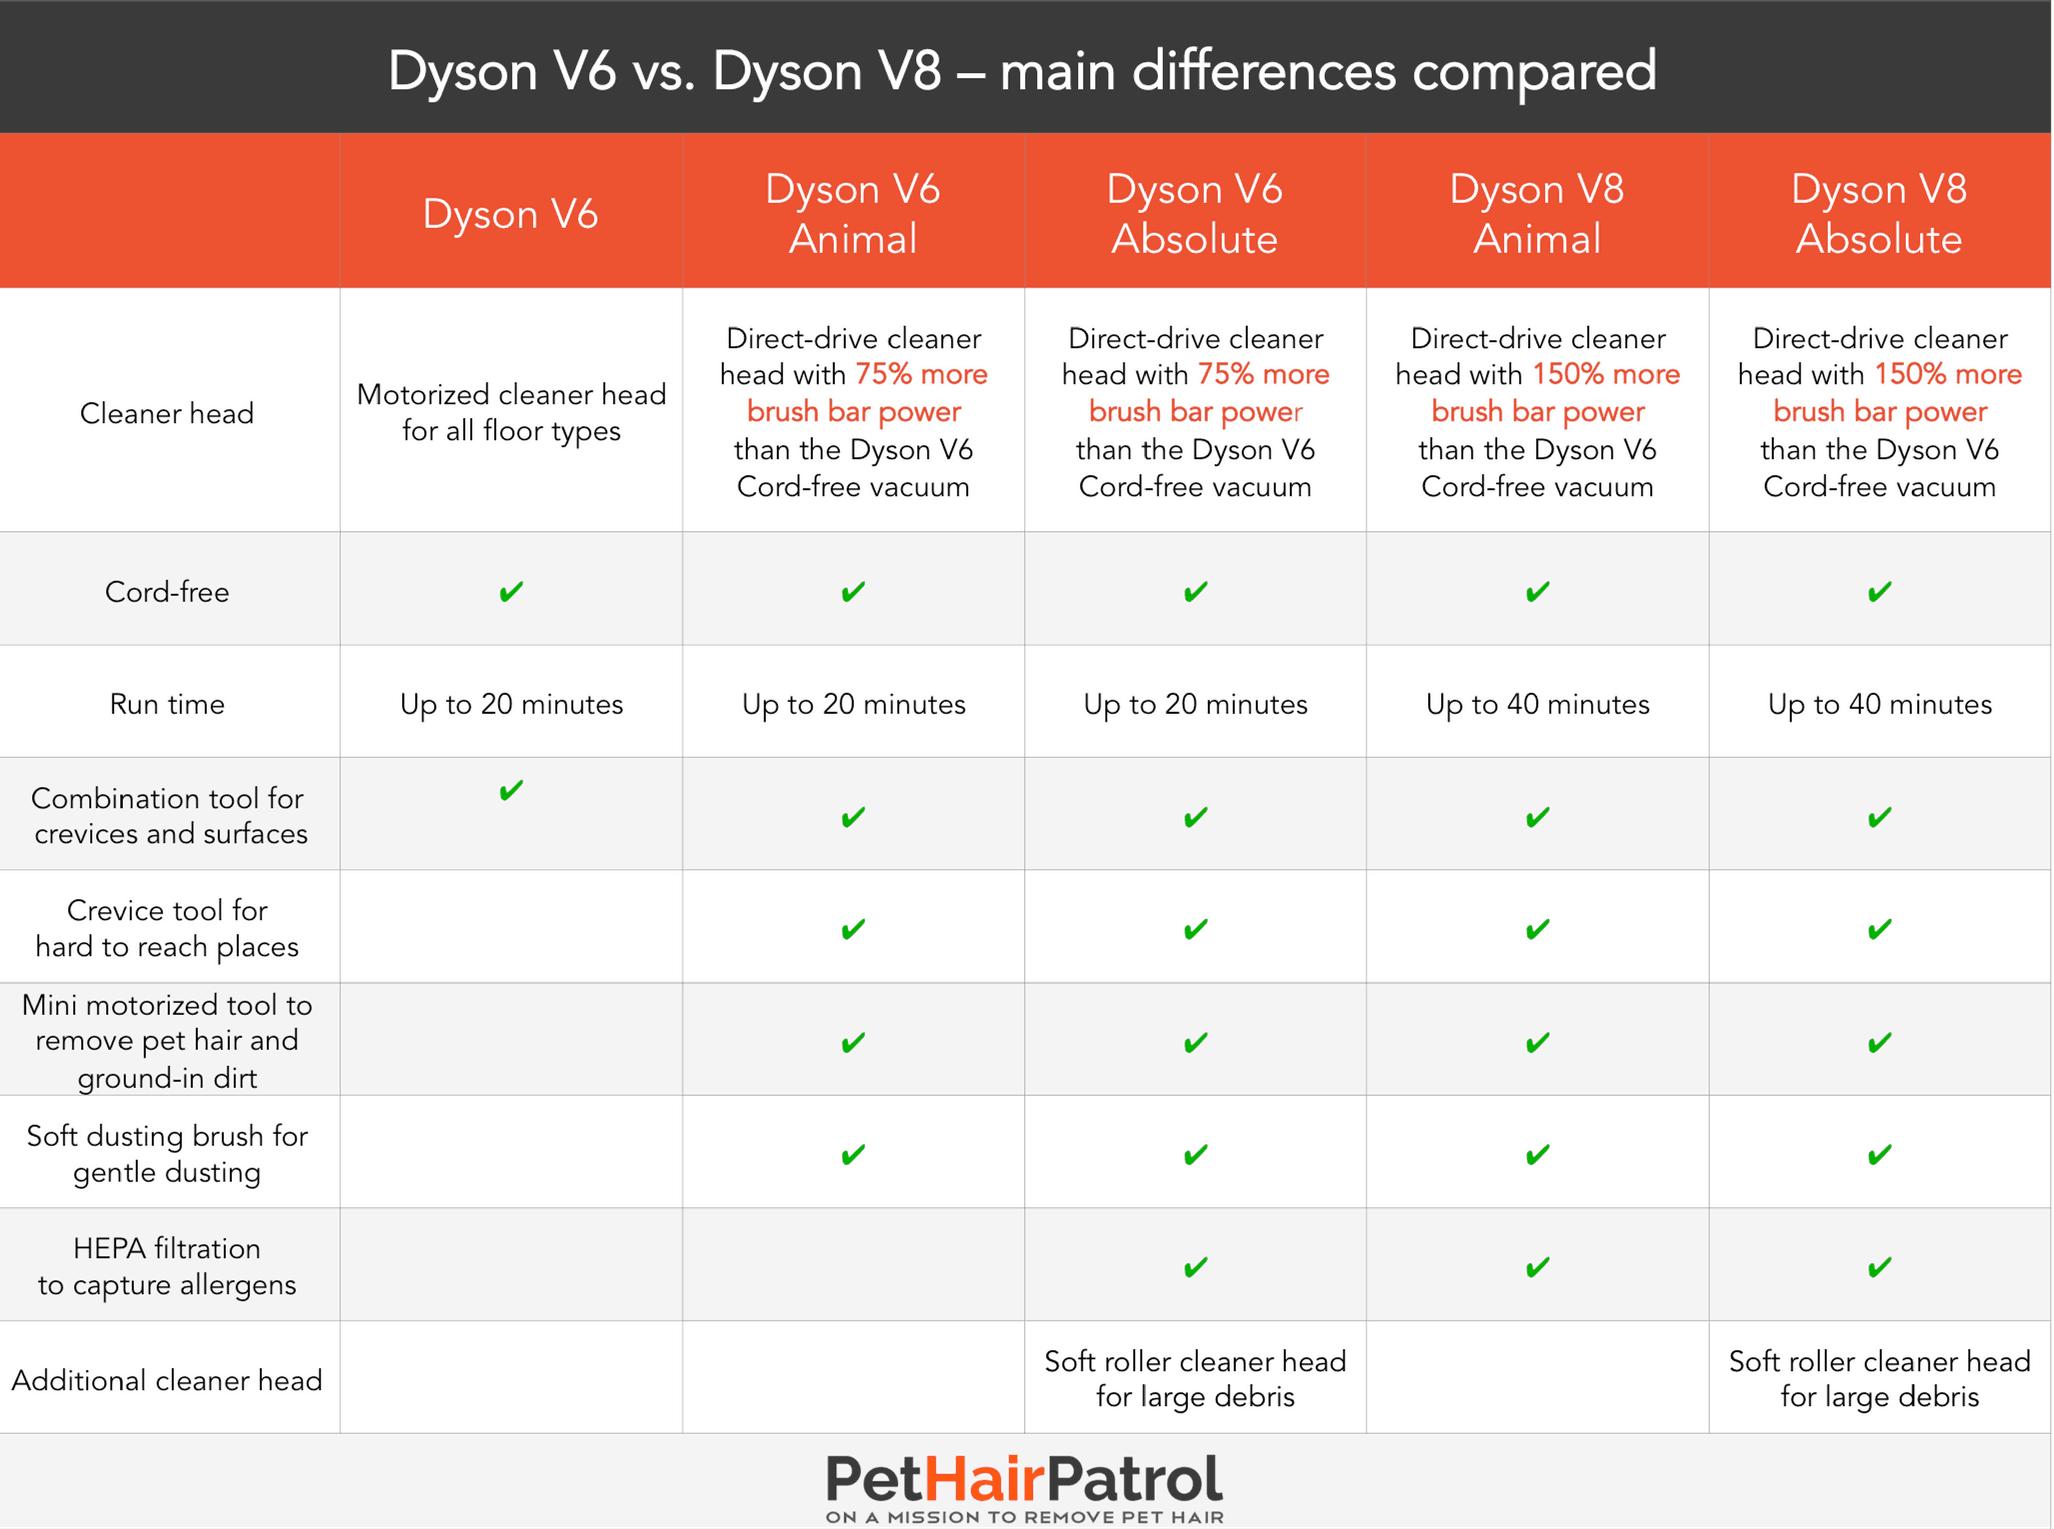 Dyson V6 Dyson V8 comparison